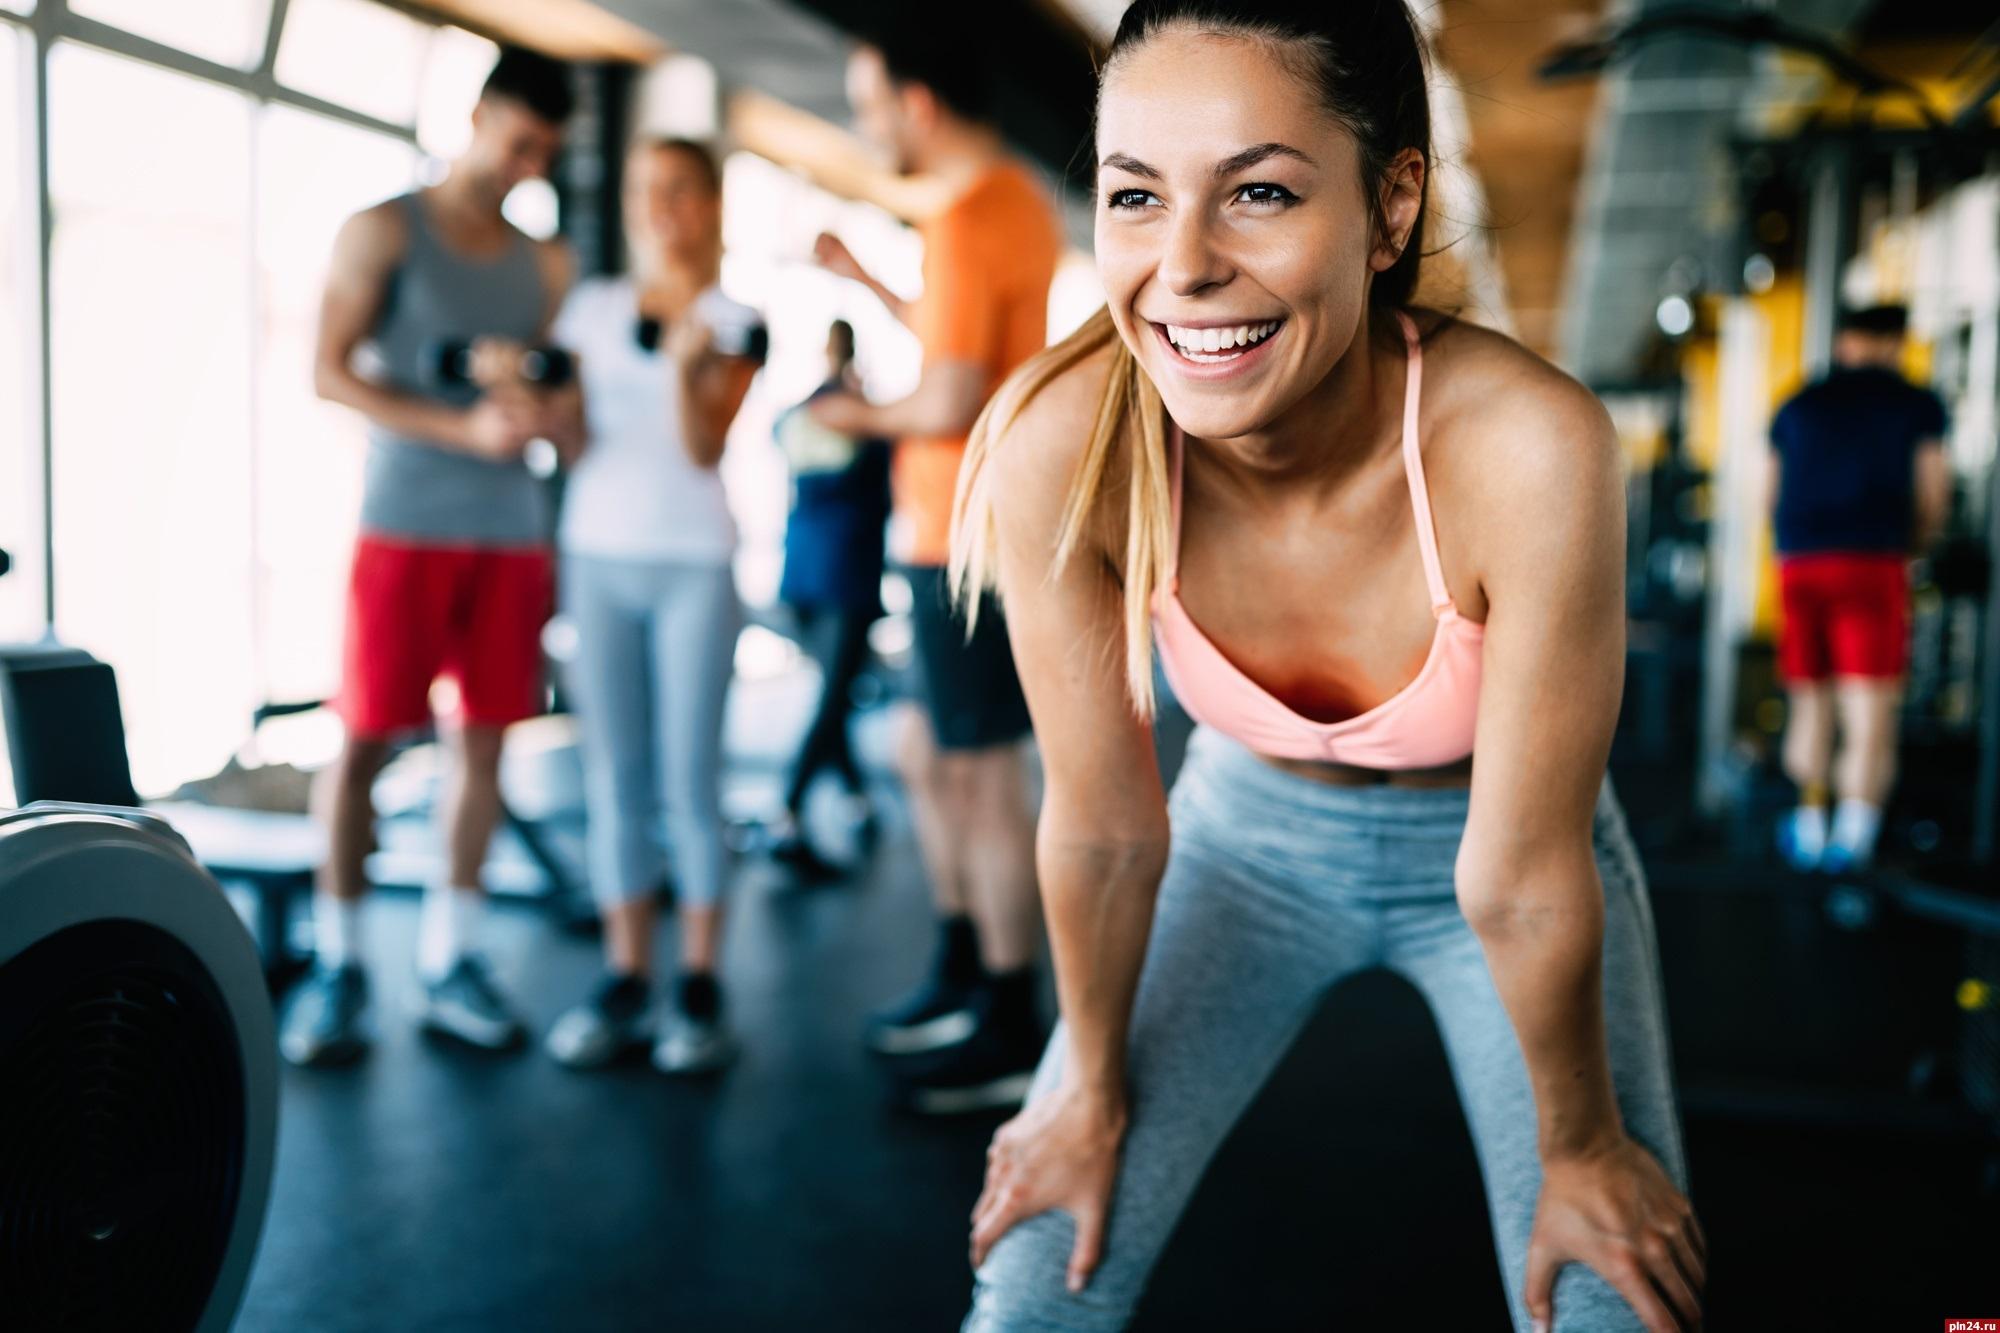 Программа тренировок для подростков в тренажерном зале, комплексы упражнений по возрастным группам: 10-14, 15-19 лет